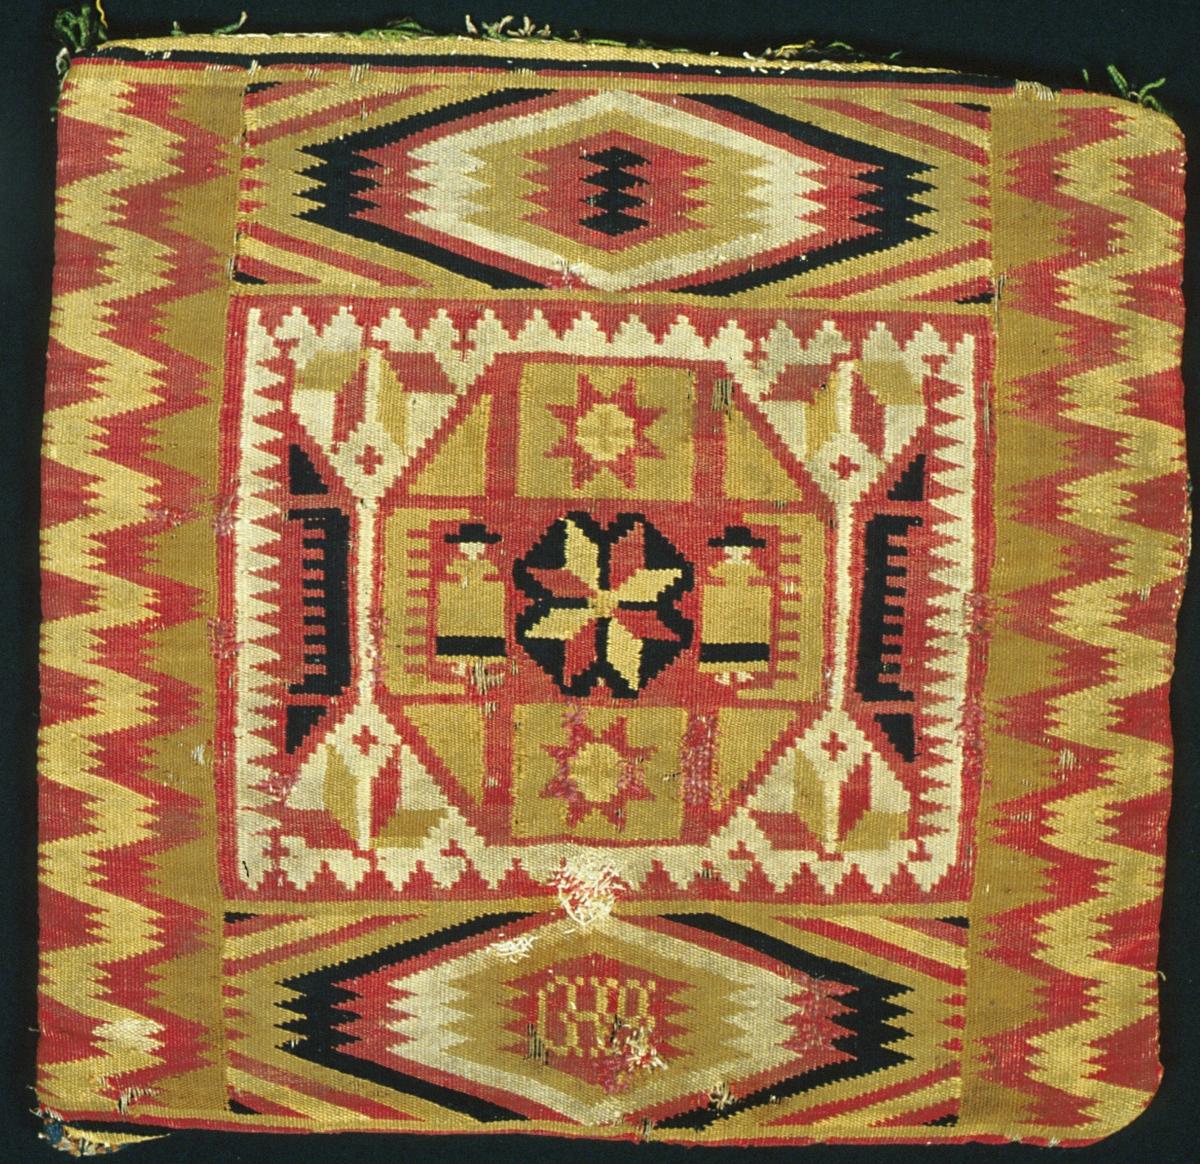 """Dyna, så kallat jynne vävt i rölakan och viggrölakan. I mitten en åttakantig ruta inneslutande en spetsuddig stjärna omgiven av två människofigurer samt två mindre spetsuddiga stjärnor. Viggbård längs långsidorna och spegelvända viggar längs kortsidorna. Blekta färger i gult, rött, brunsvart, gulgrönt och naturvitt/-ljusgrått. Invävd märkning, troligen """"MHD"""" i en av spegelviggarna.  Varp i z-tvinnat lingarn, 6 trådar/cm. Inslag i dubbelt 1-trådigt ullgarn, 10 inslag/cm. Bakstycke vävt i bunden rosengång i grönt, blått, brunt och rosa. Varp i z-tvinnat lingarn, 4 trådar /cm. Inslag i 1- och 2-trådigt ullgarn, 10 inslag/cm. Dynan är öppen i ena kortsidan."""